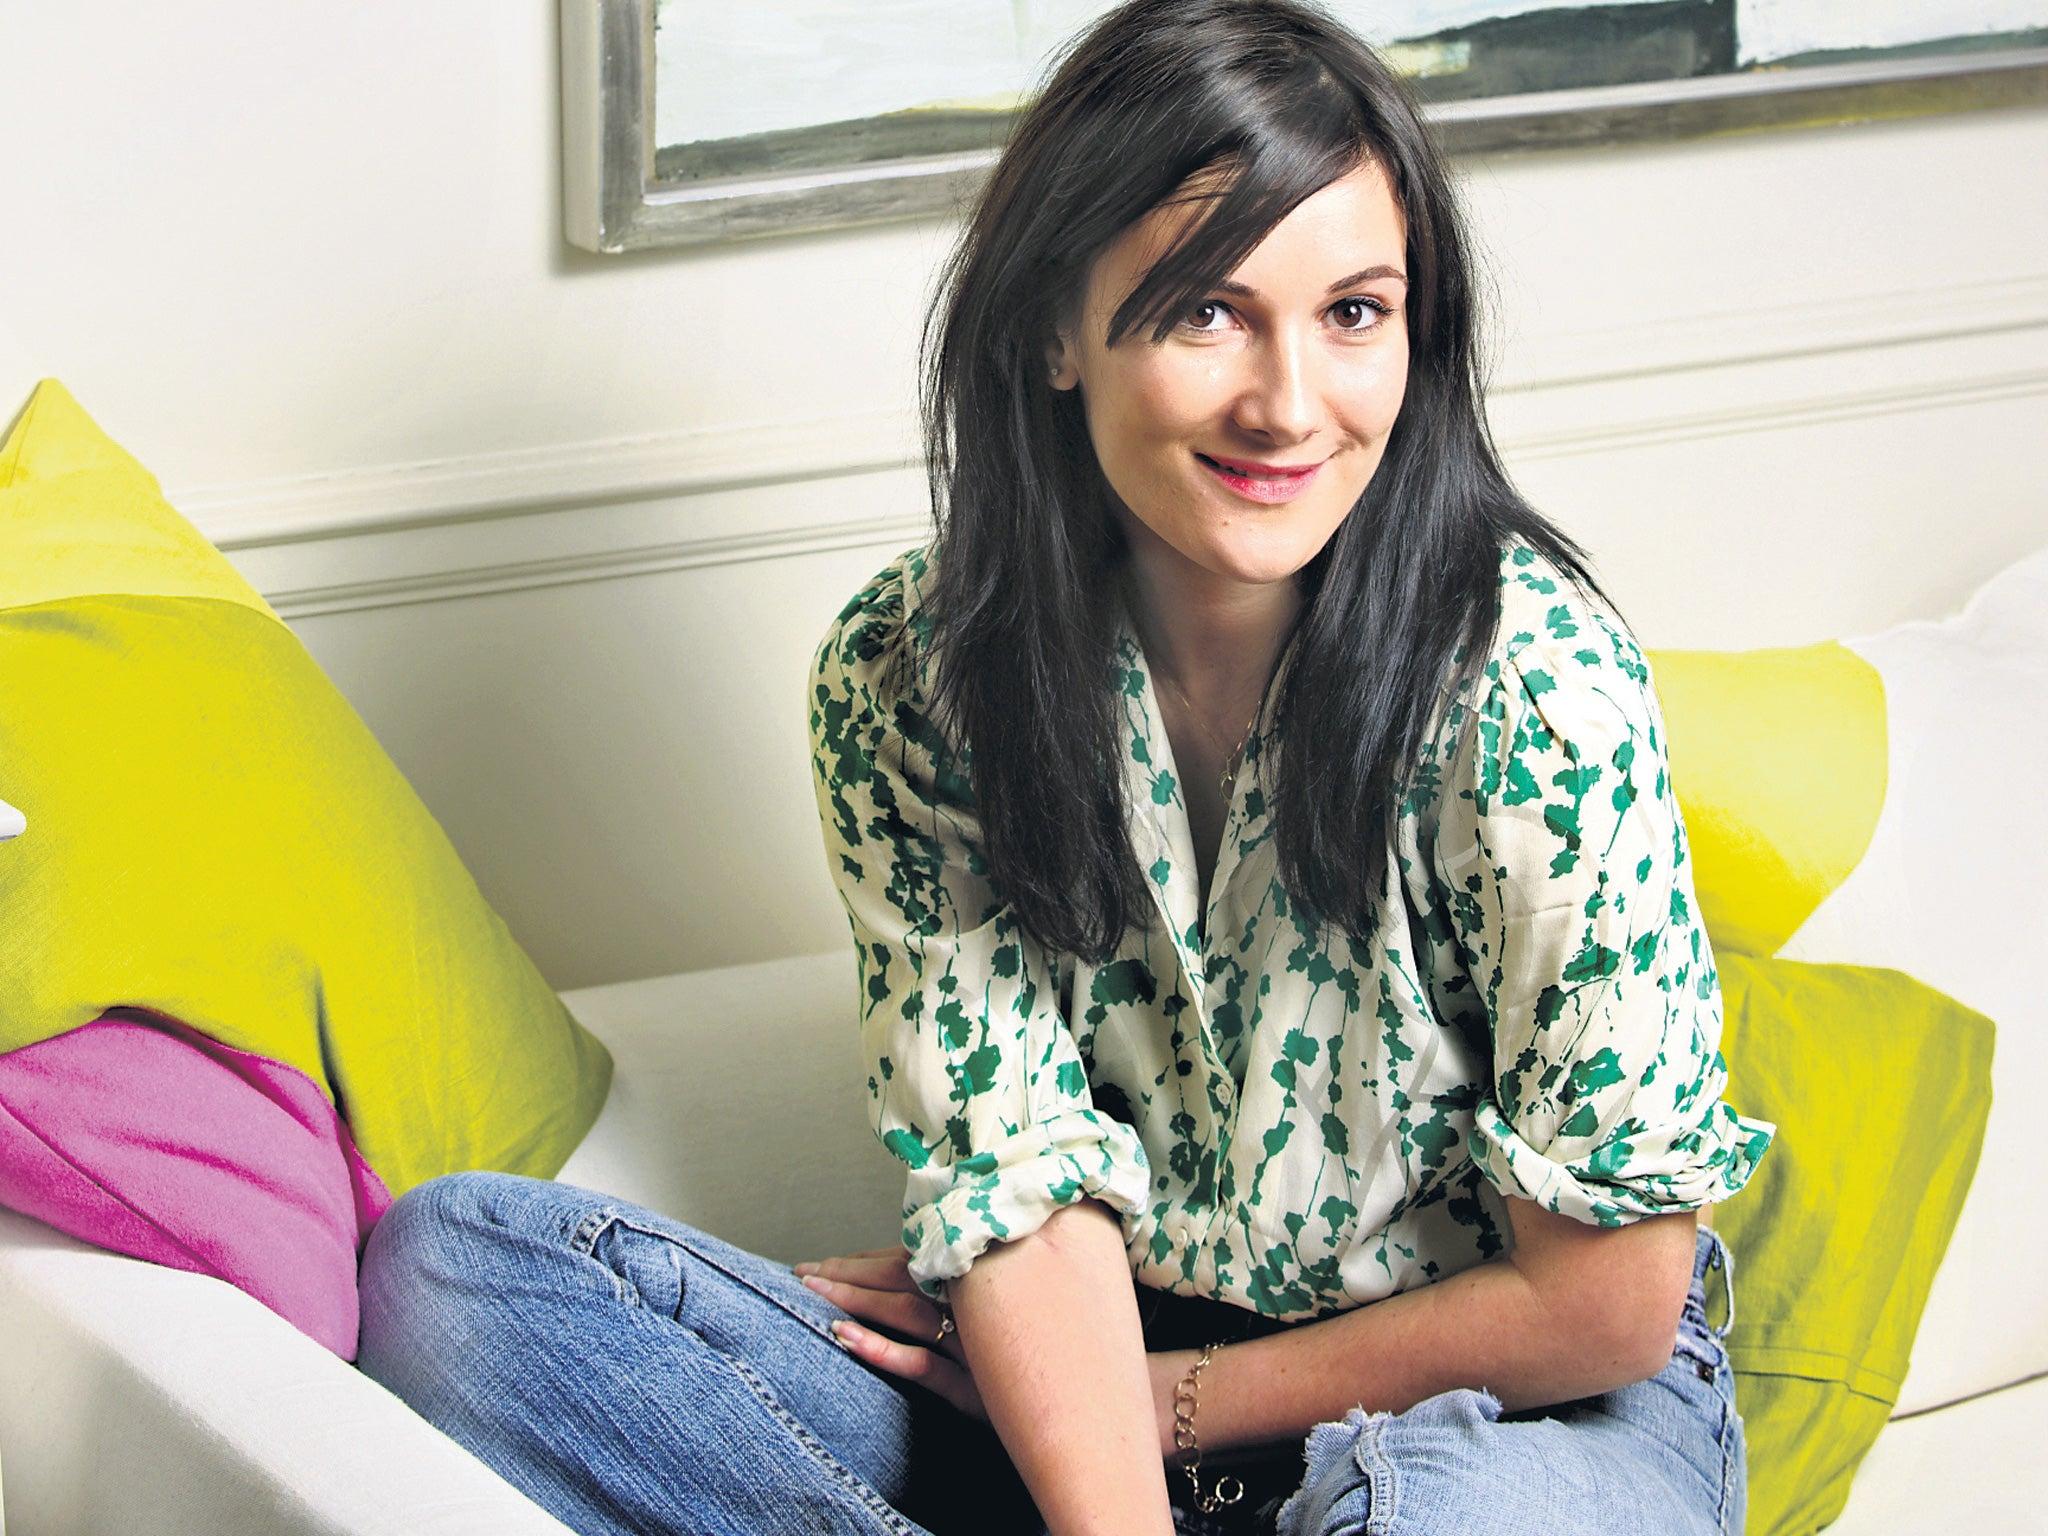 foto Charlotte Riley (born 1981)